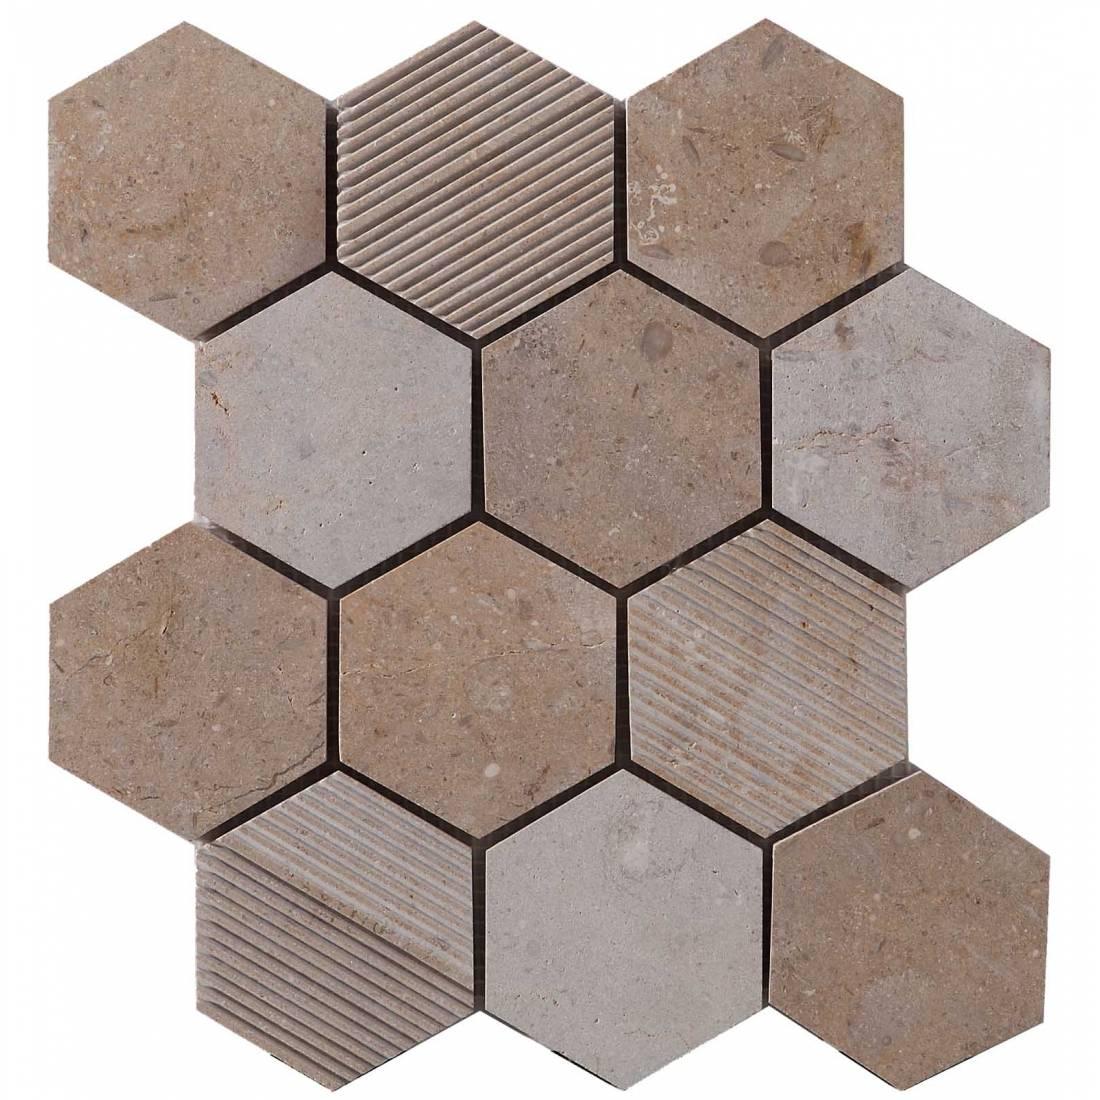 Hex Mosaic Texture 23.1x26.7 Beige Matt 1